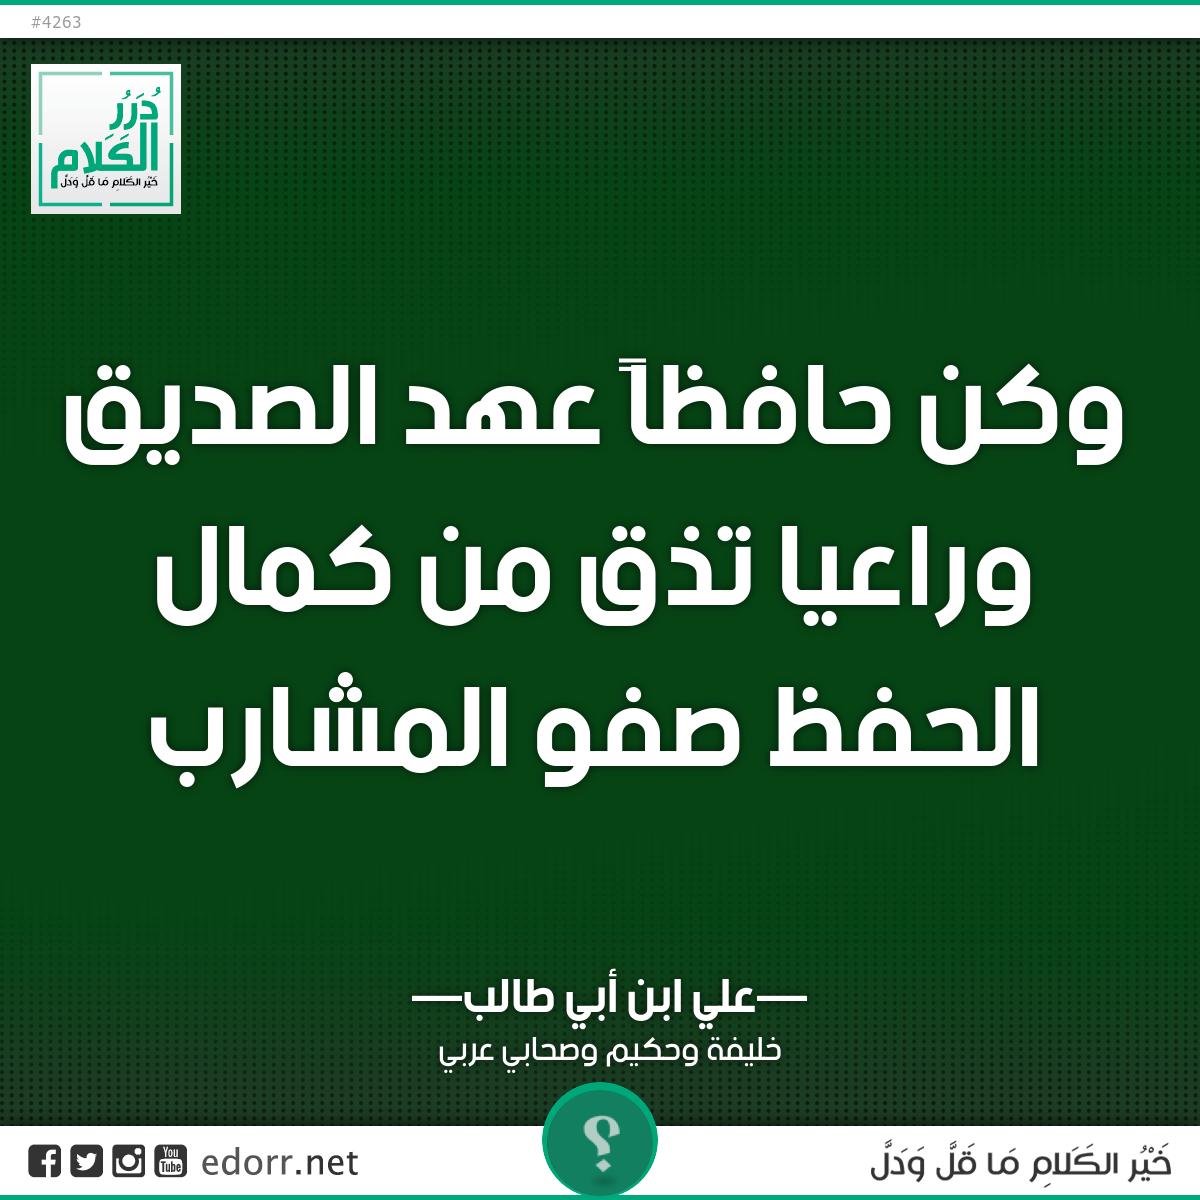 وكن حافظاً عهد الصديق وراعيا ... تذق من كمال الحفظ صفو المشارب